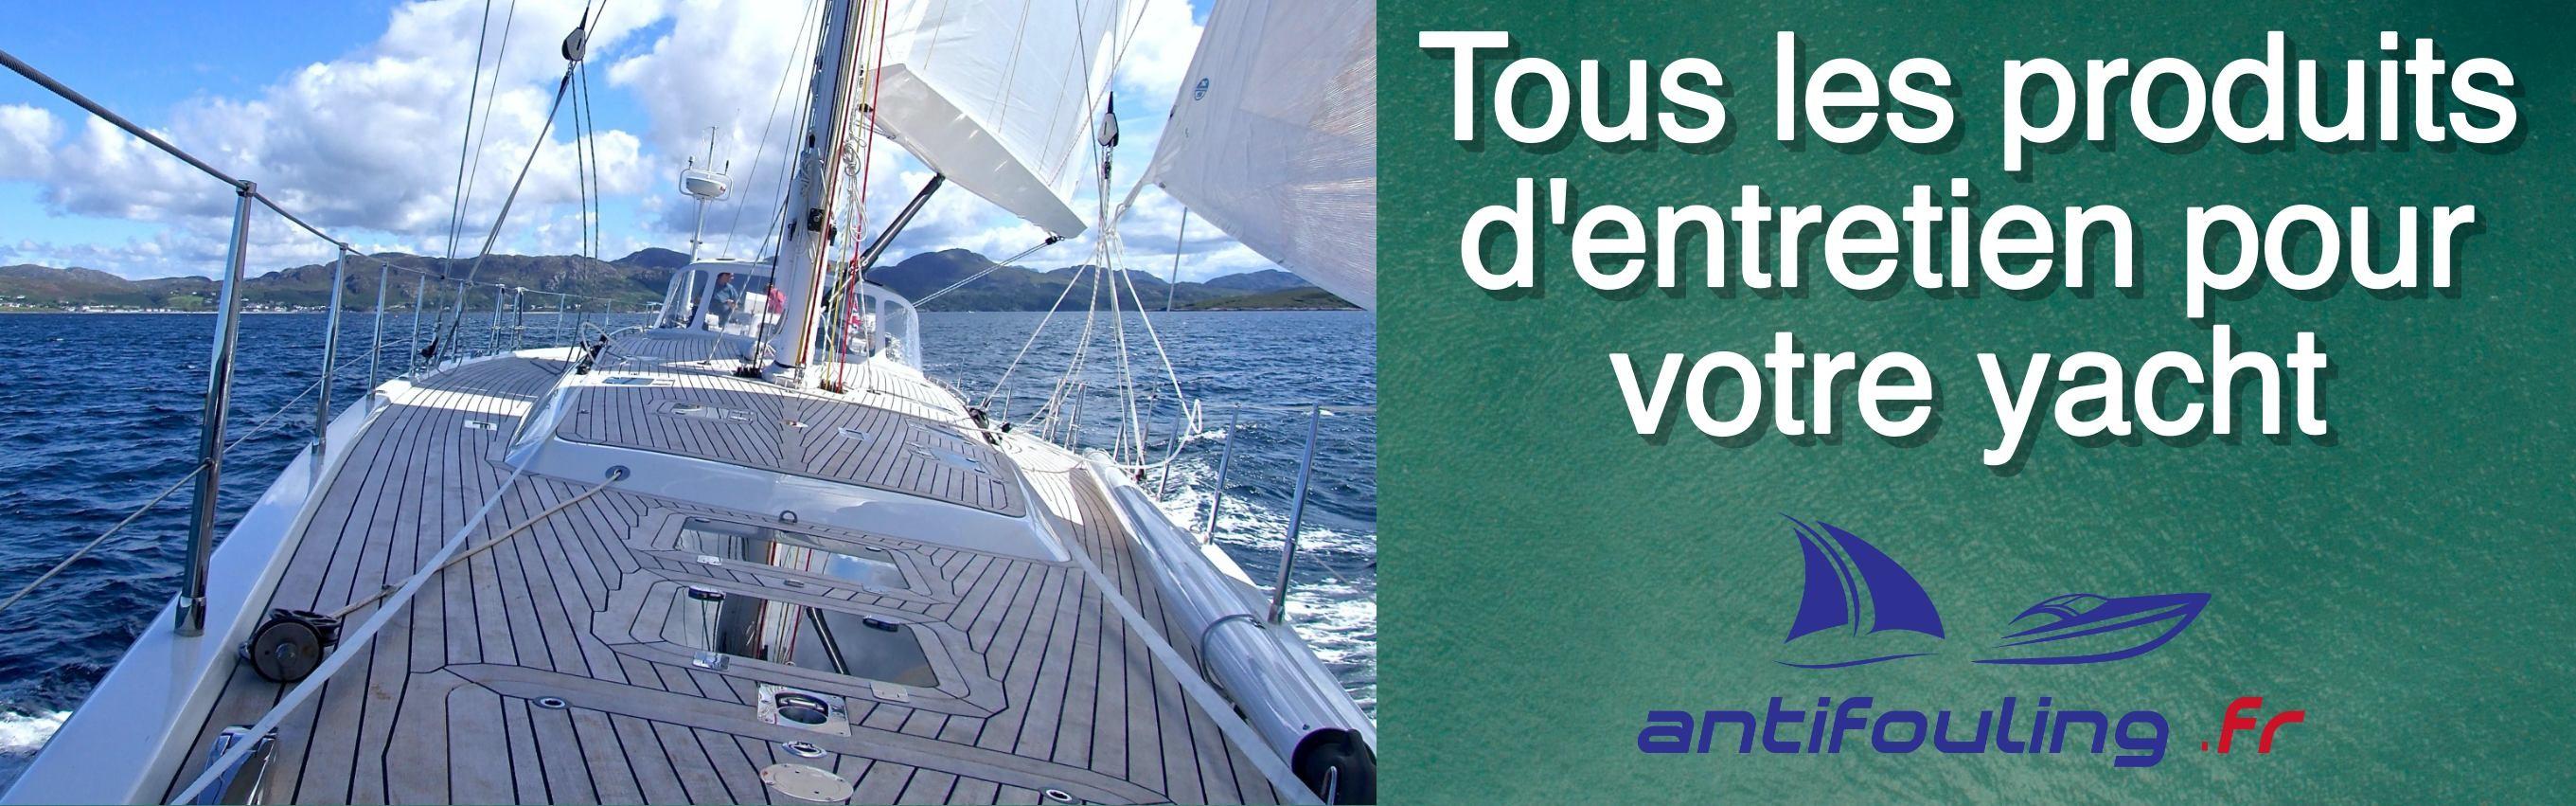 Tous les produits d'entretien pour votre yacht chez Antifouling.fr